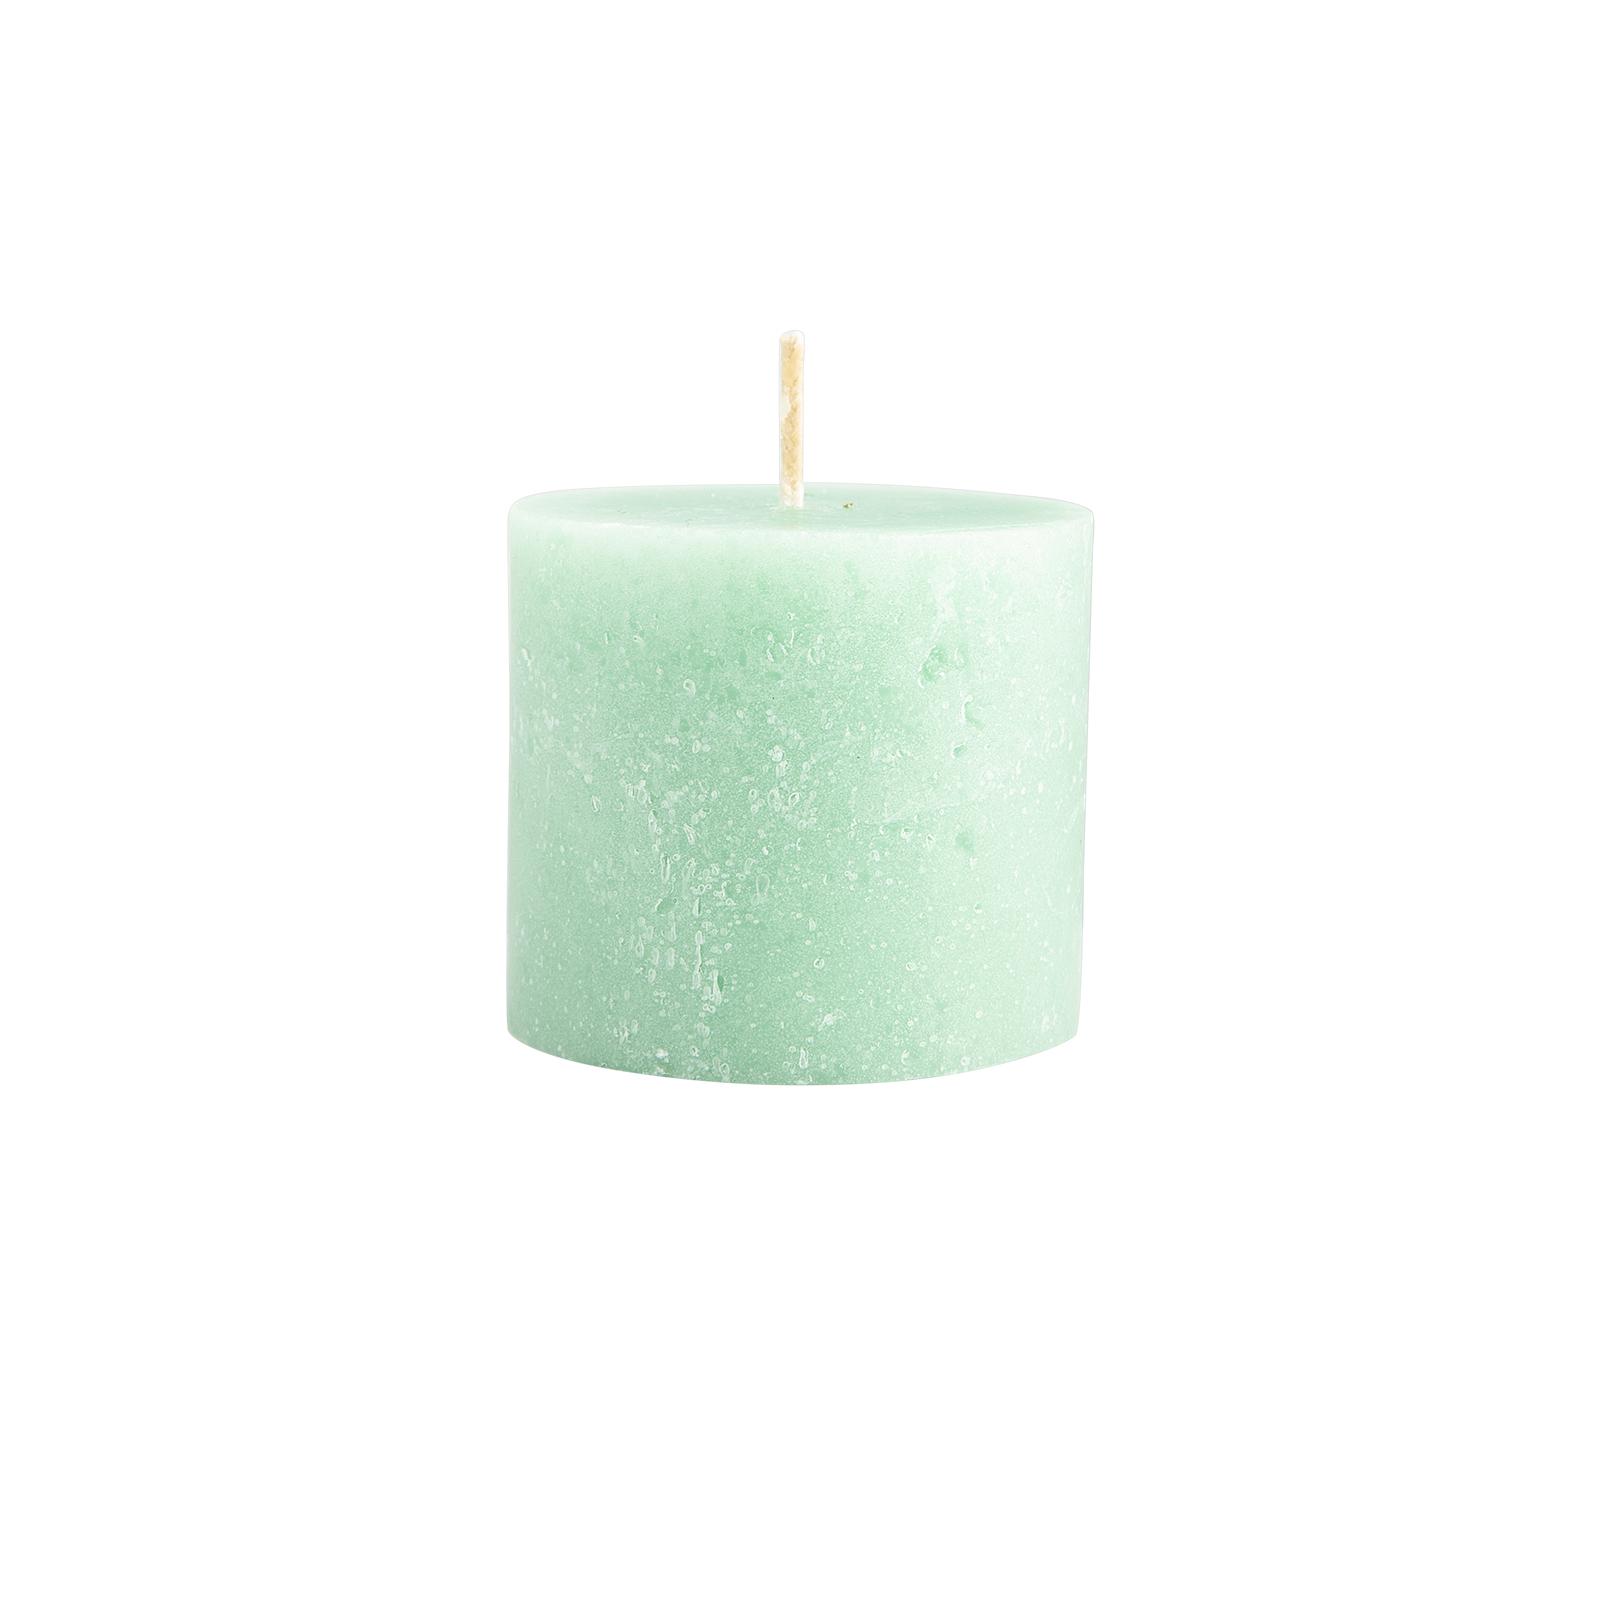 Karaca Andy Açık Yeşil Silindir Mum 6,5x6 cm